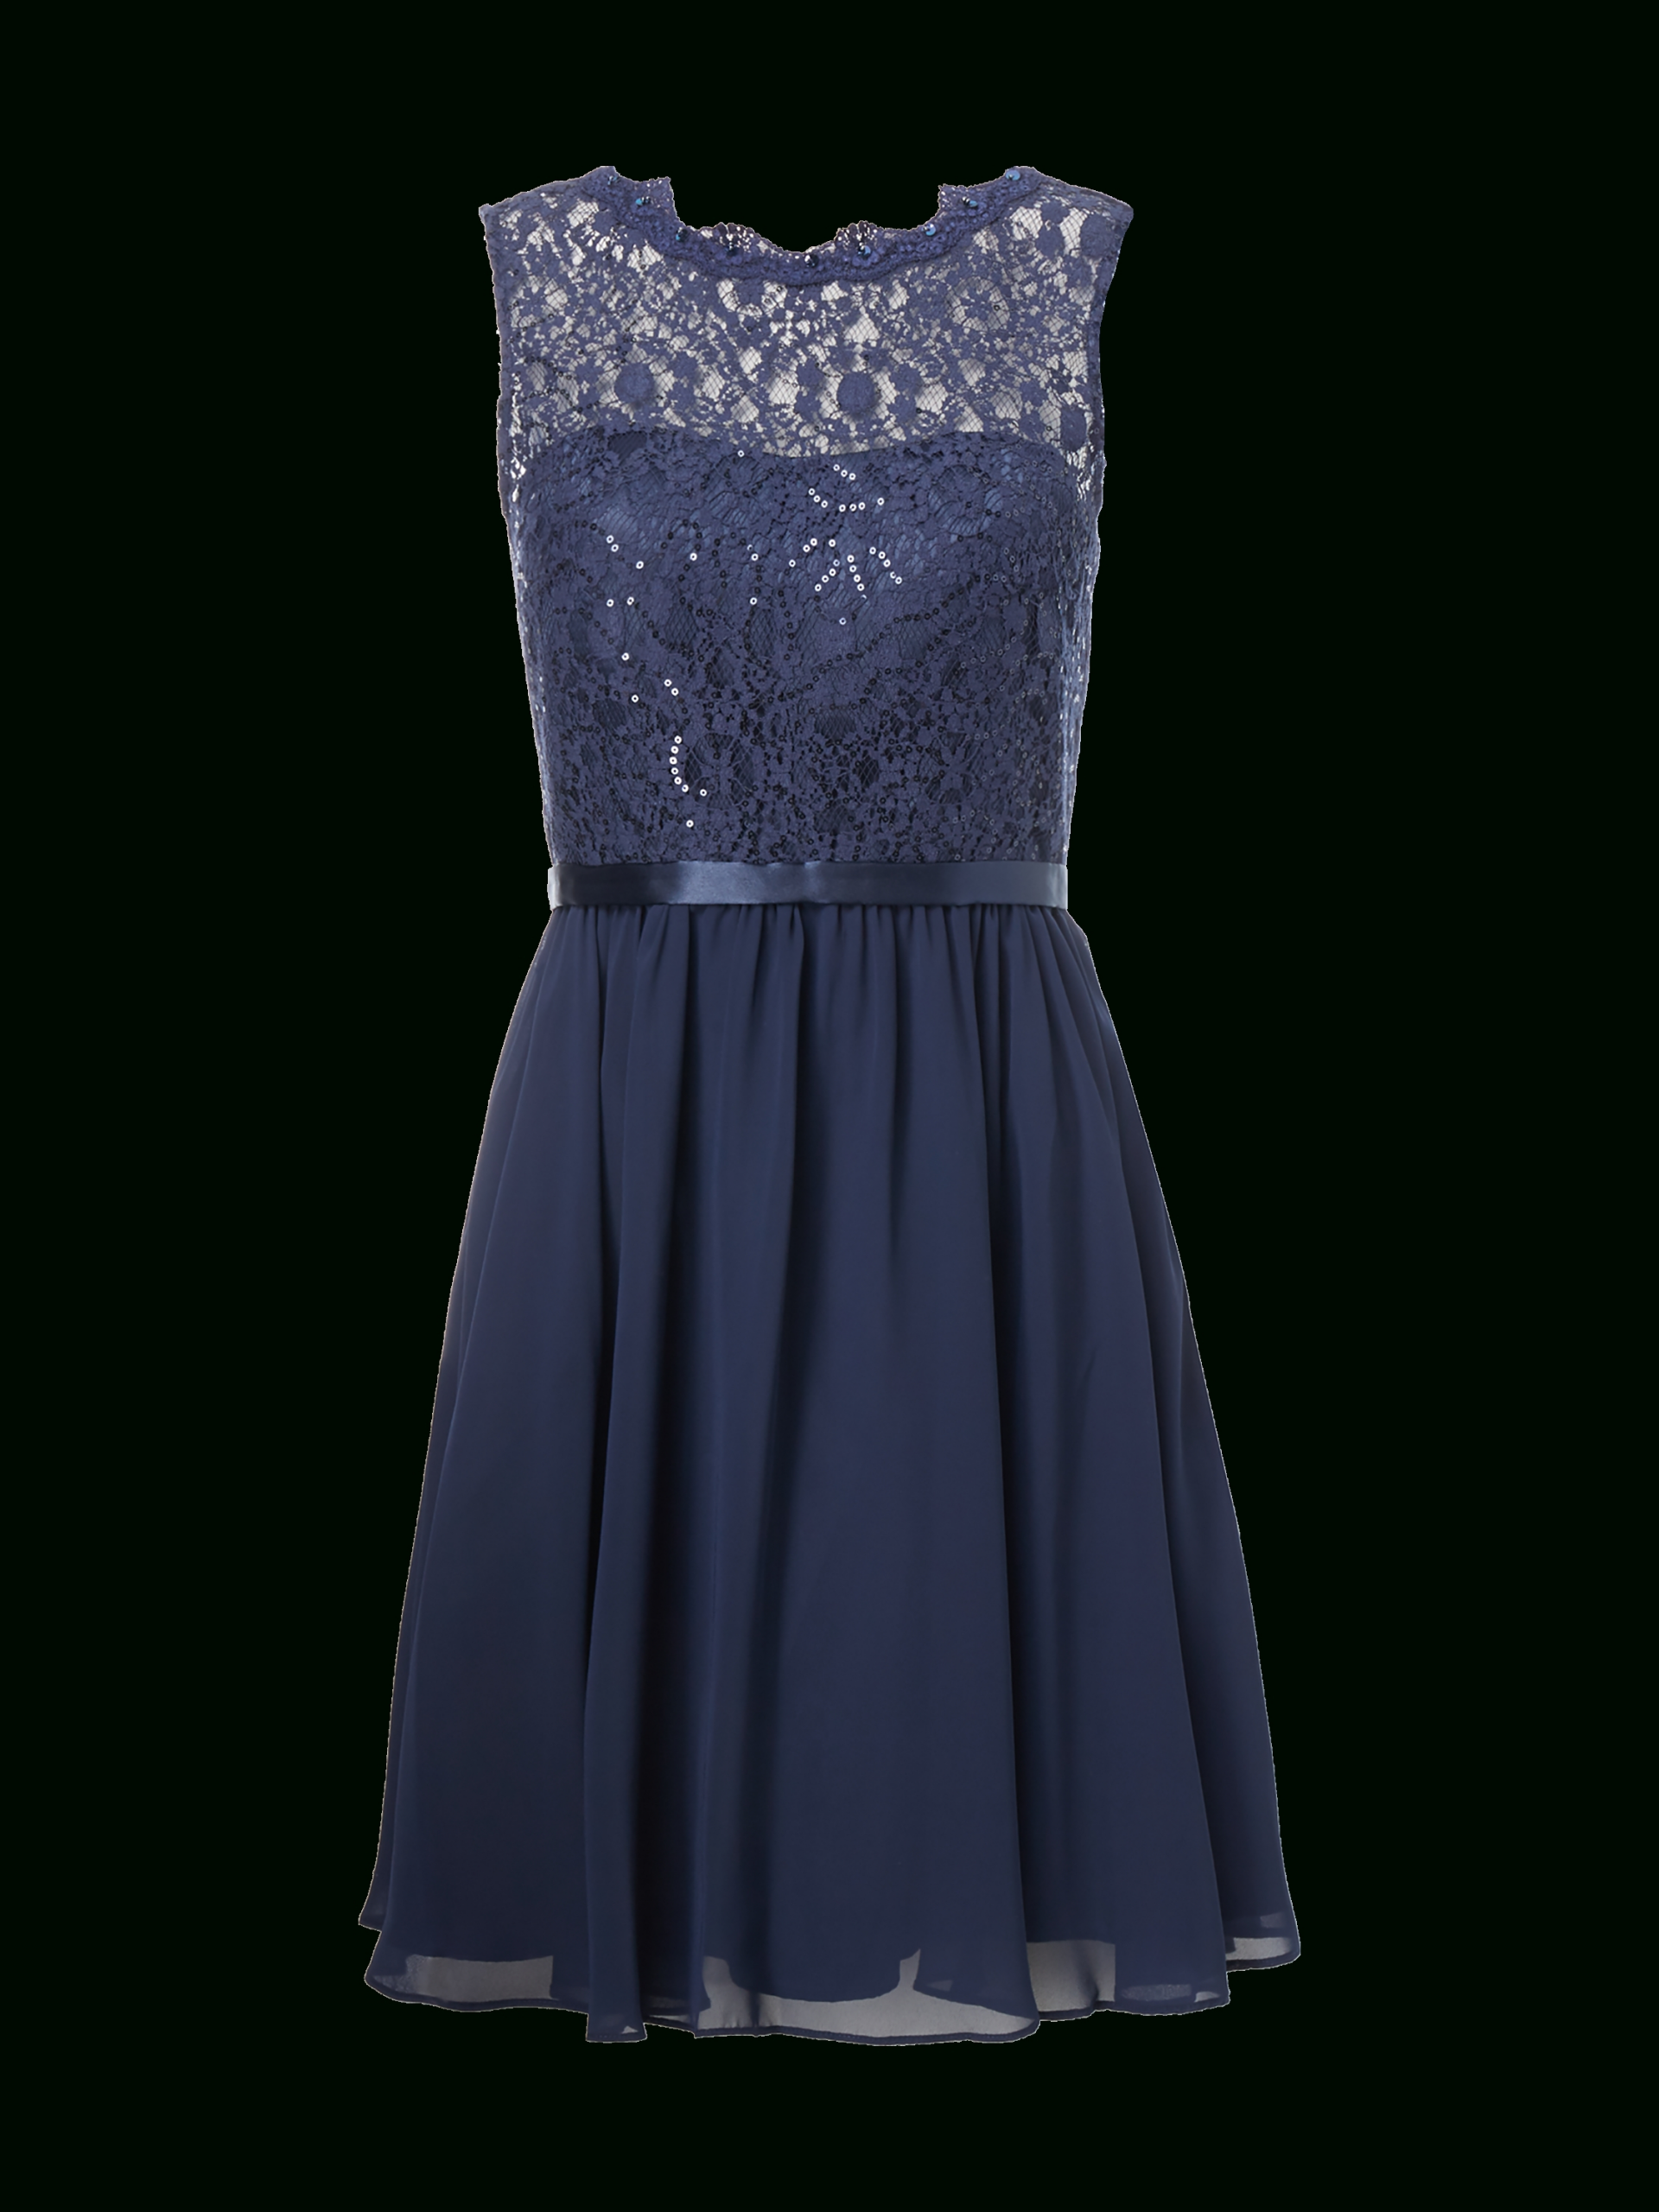 20 Kreativ Kurzes Blaues Kleid Bester PreisFormal Wunderbar Kurzes Blaues Kleid Galerie